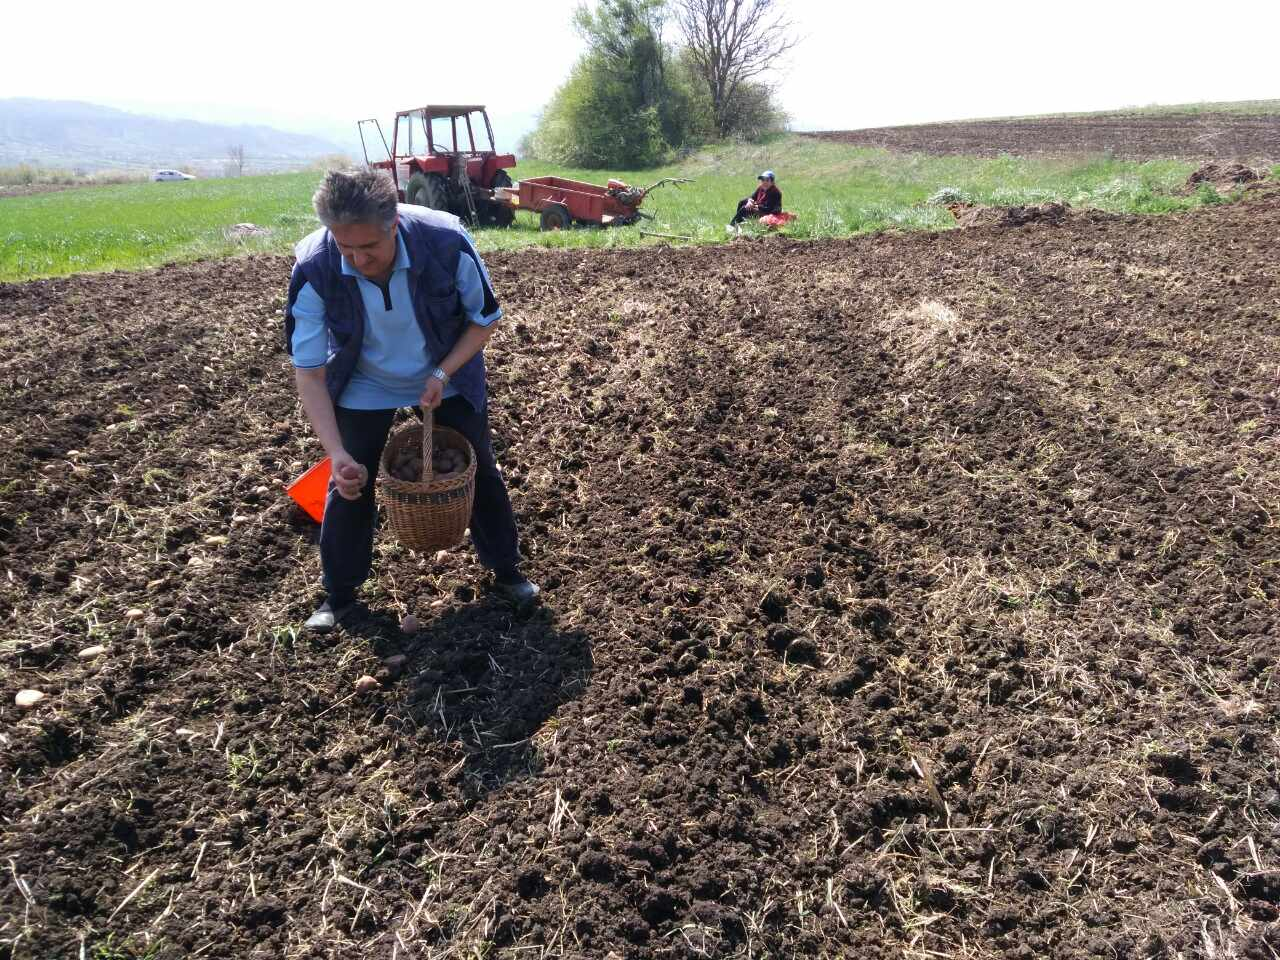 Miletić se ne stidi seoskih poslova, foto: M.M.